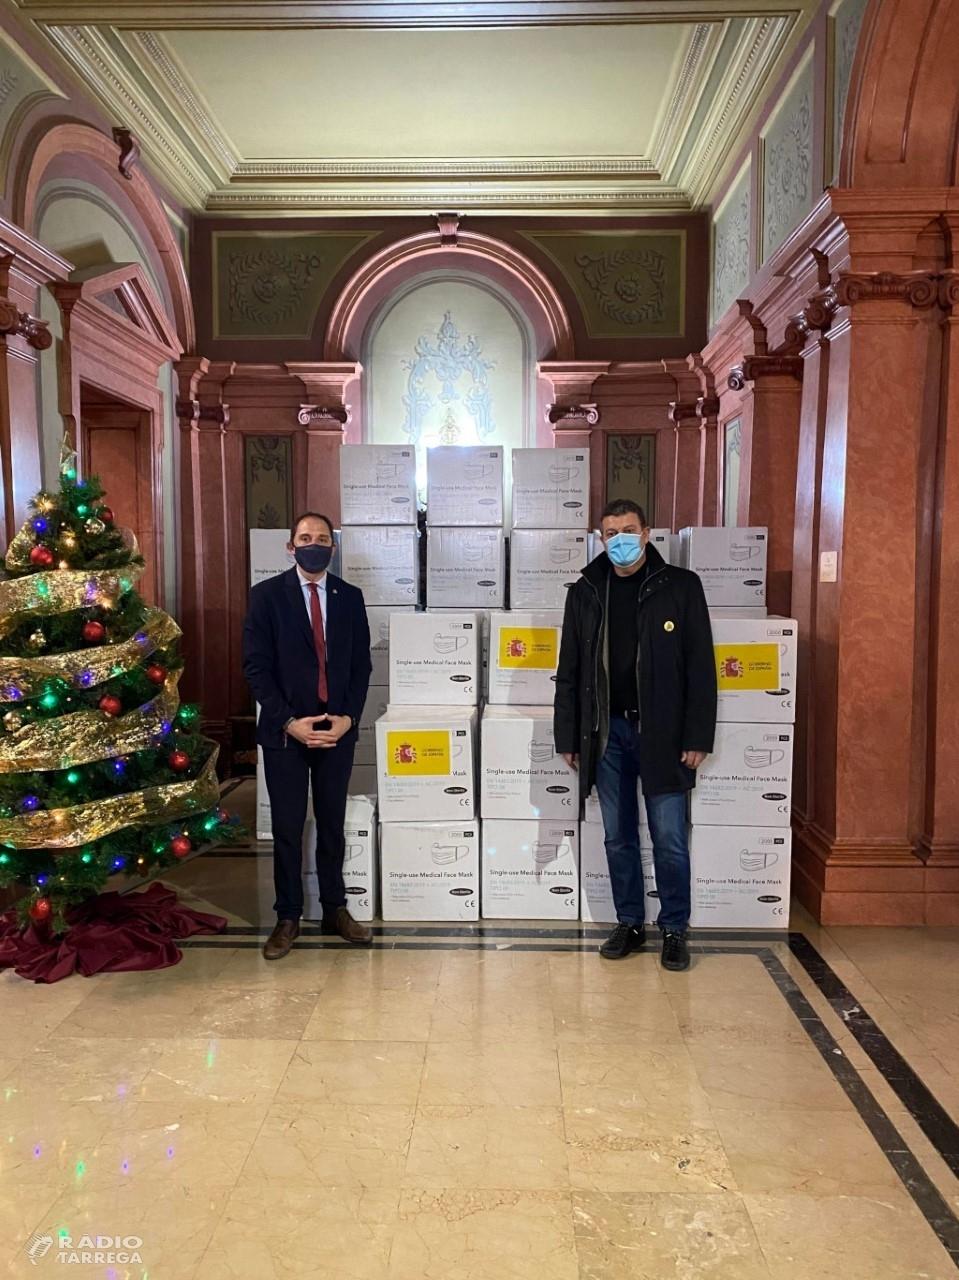 La Diputació repartirà 45.500 mascaretes quirúrgiques entre consells comarcals i ajuntaments de la demarcació de Lleida